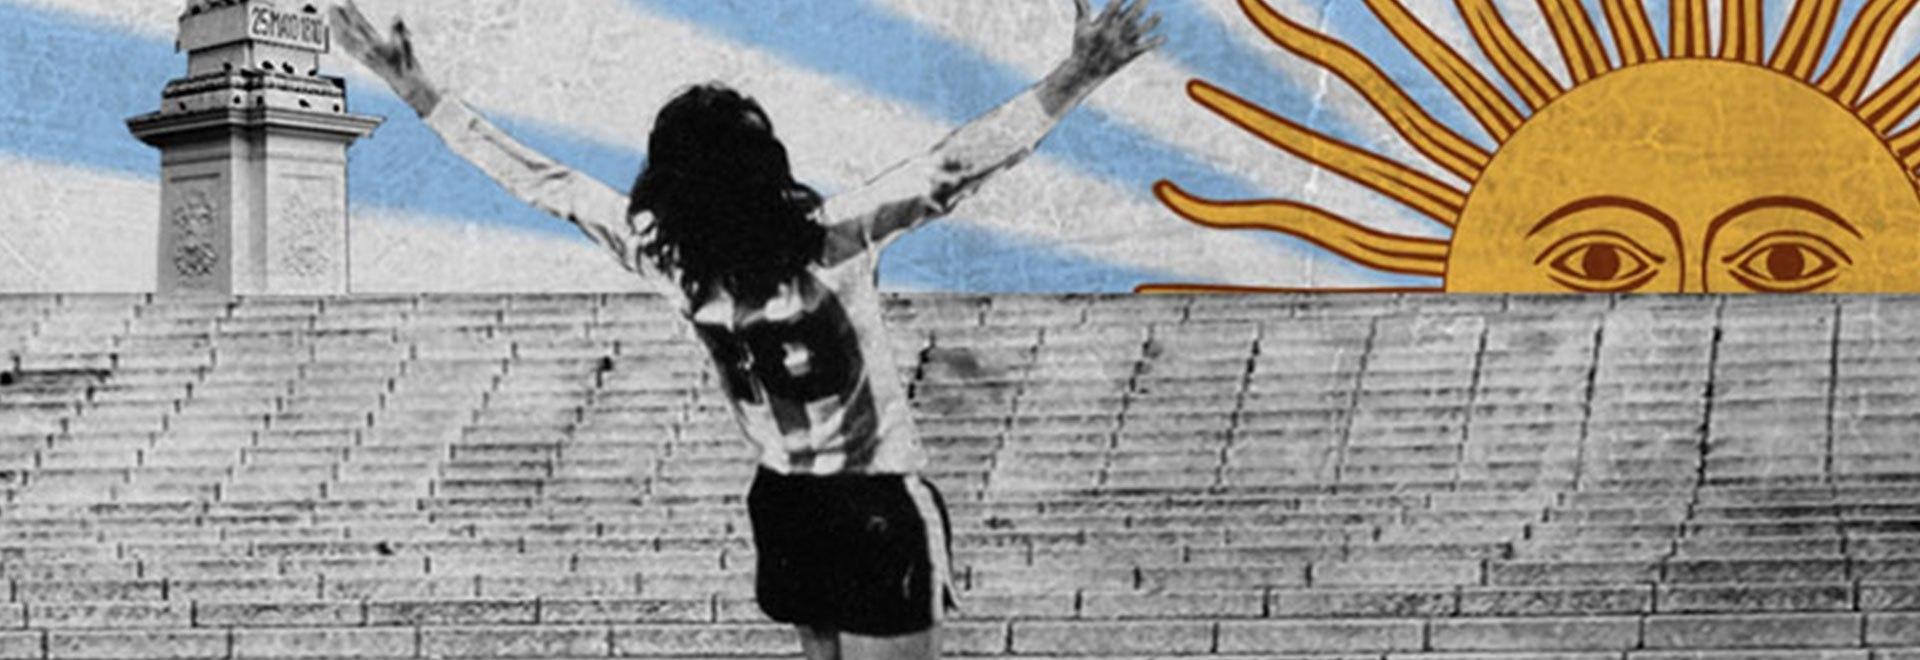 Argentina 1978, il Mondiale desaparecido